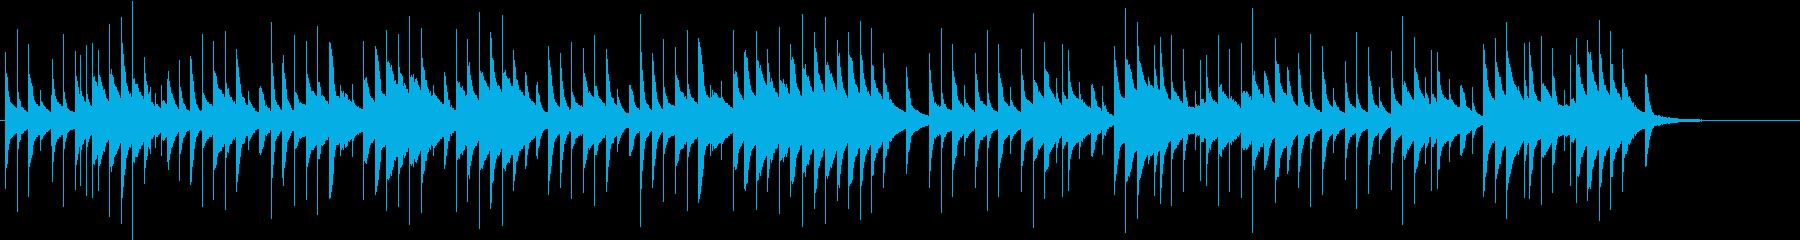 ジングルベルをオルゴールでの再生済みの波形